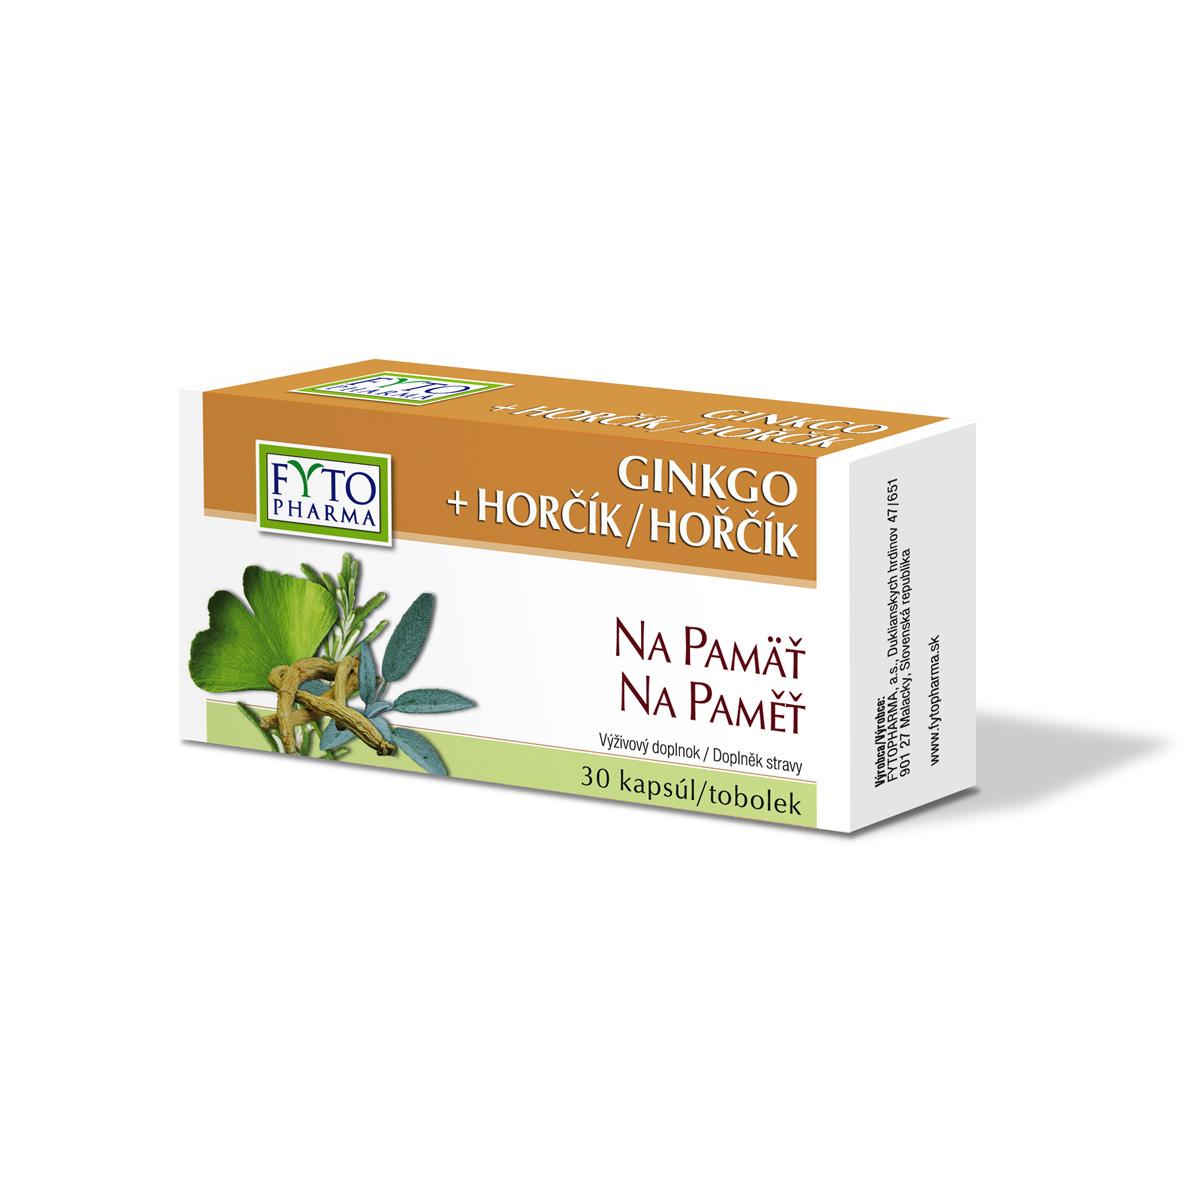 Fytopharma Ginkgo + Hořčík tobolky na paměť 30 cps